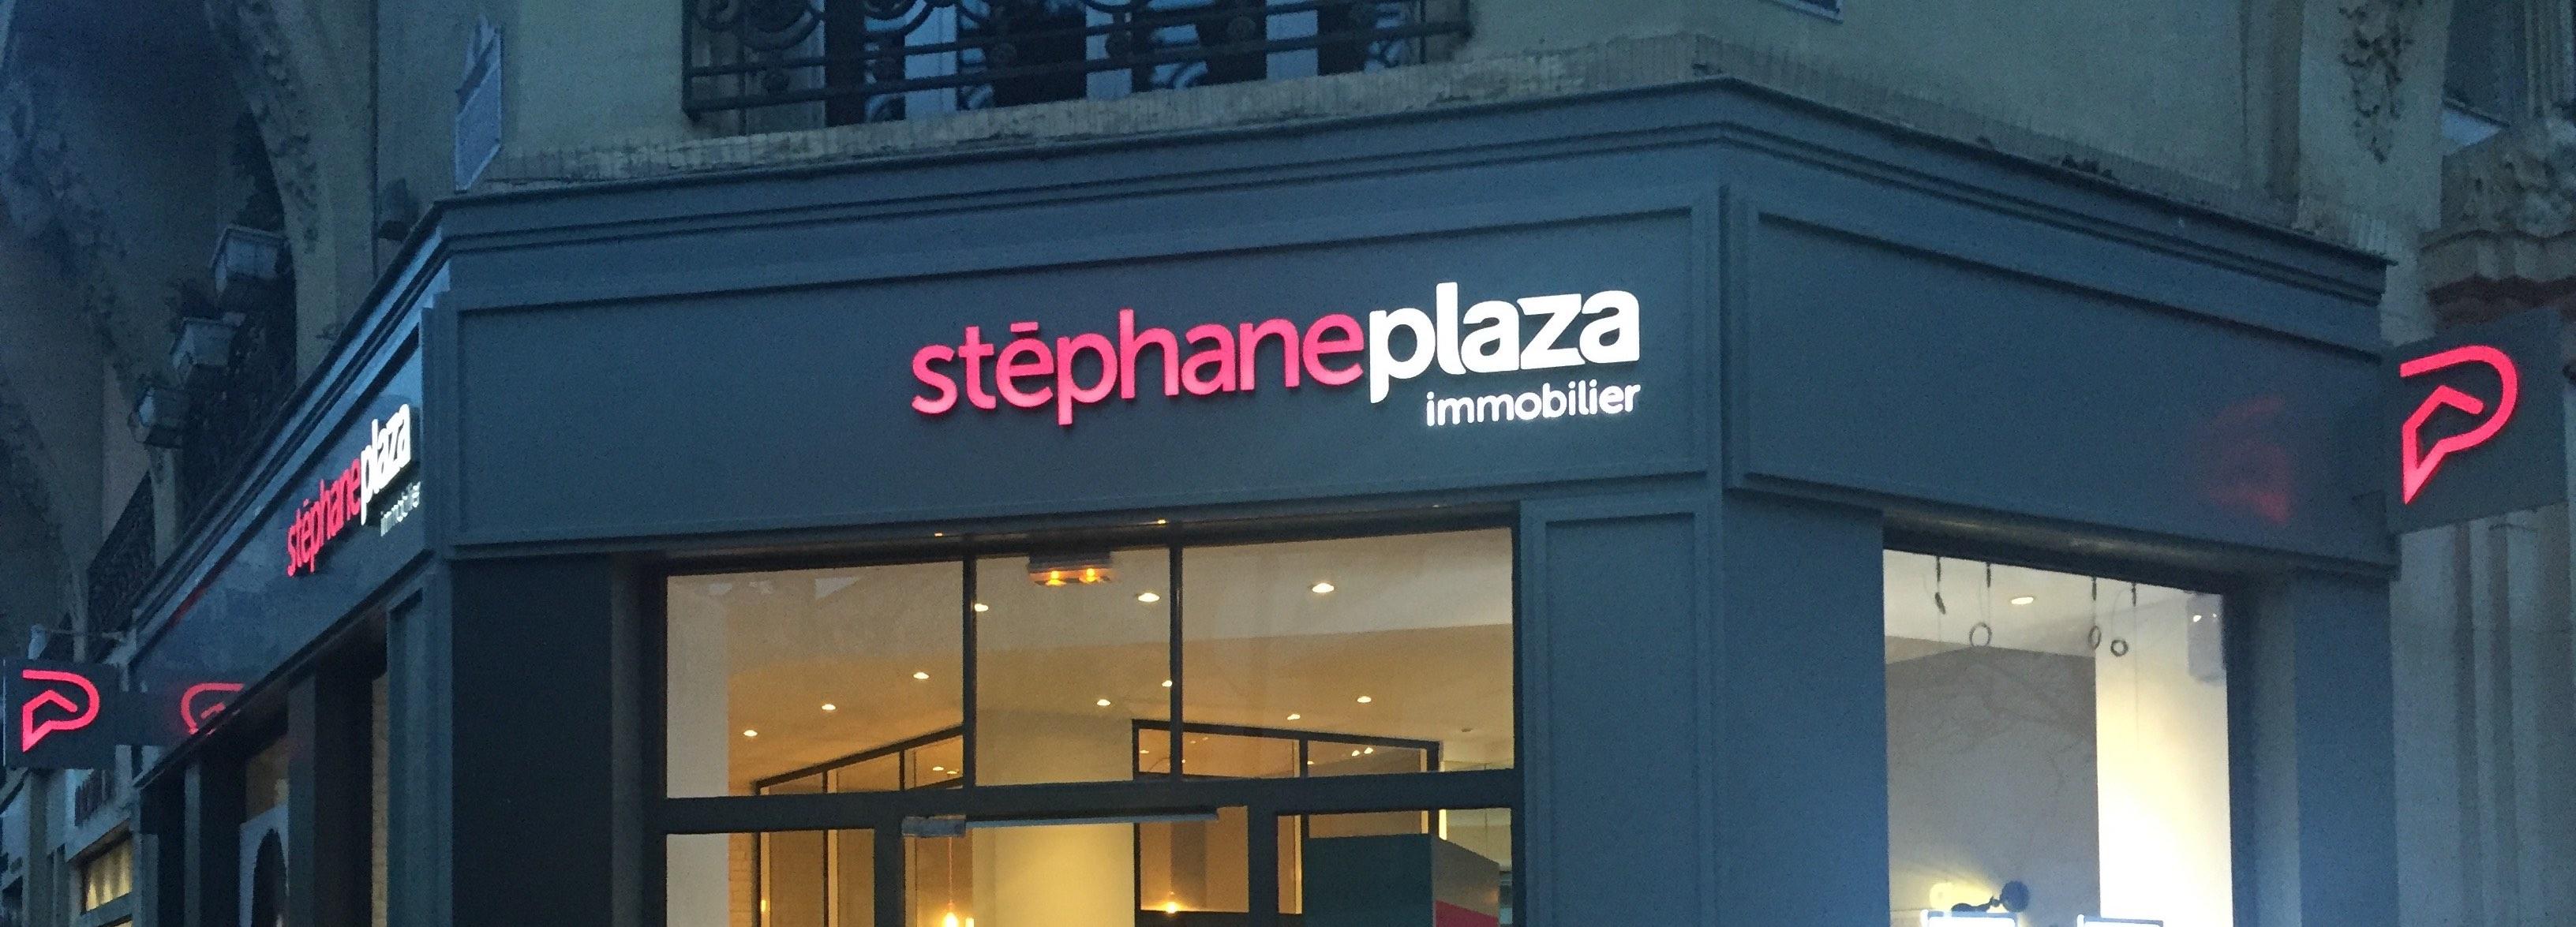 Suivre le marché et l'implantation d'agences: l'exemple Stéphane Plaza immobilier